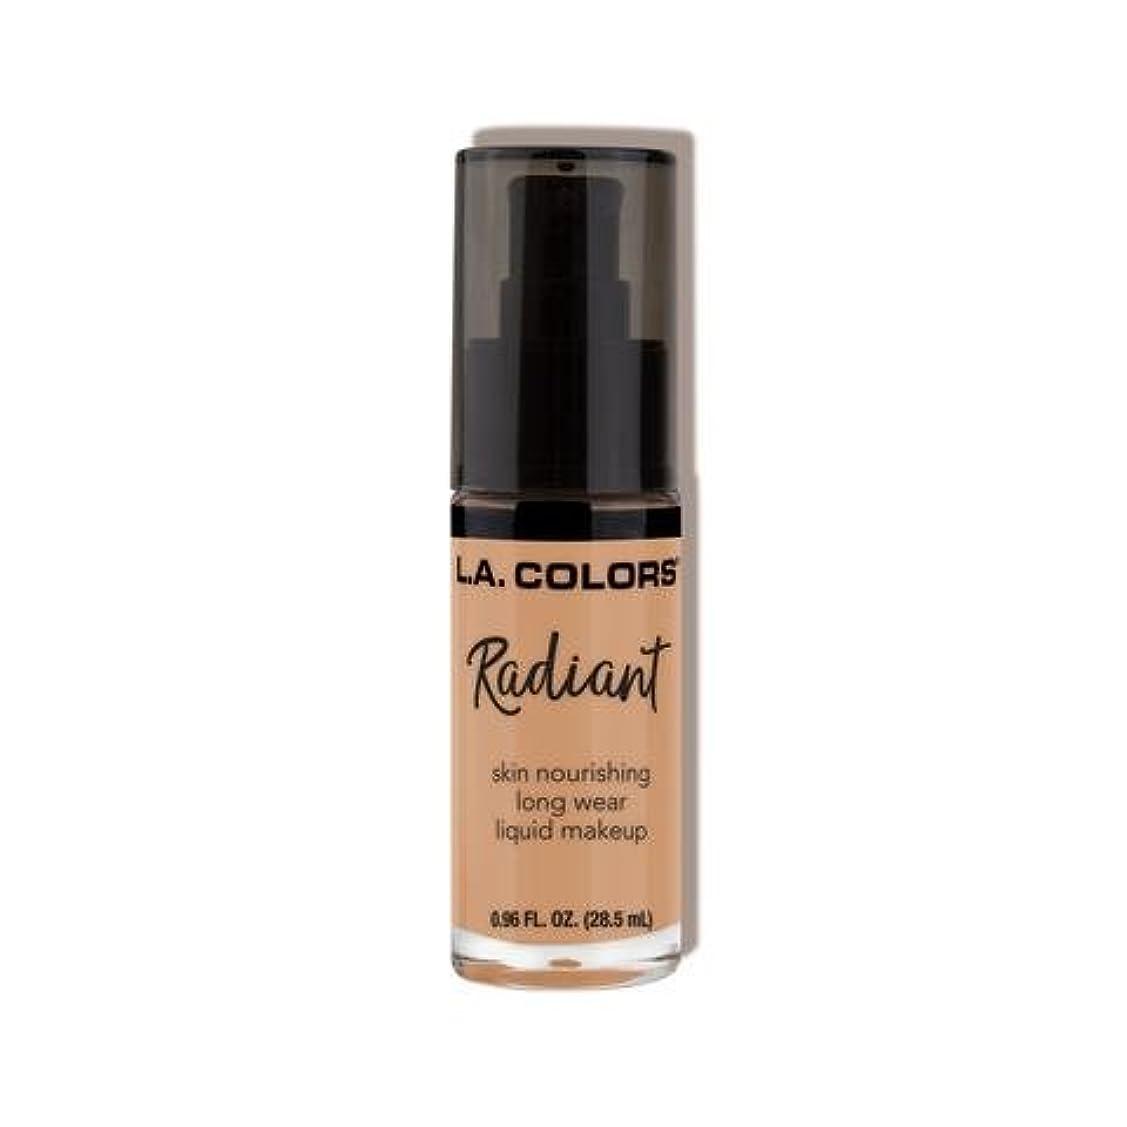 クランシー保証する代わりにを立てる(6 Pack) L.A. COLORS Radiant Liquid Makeup - Light Tan (並行輸入品)